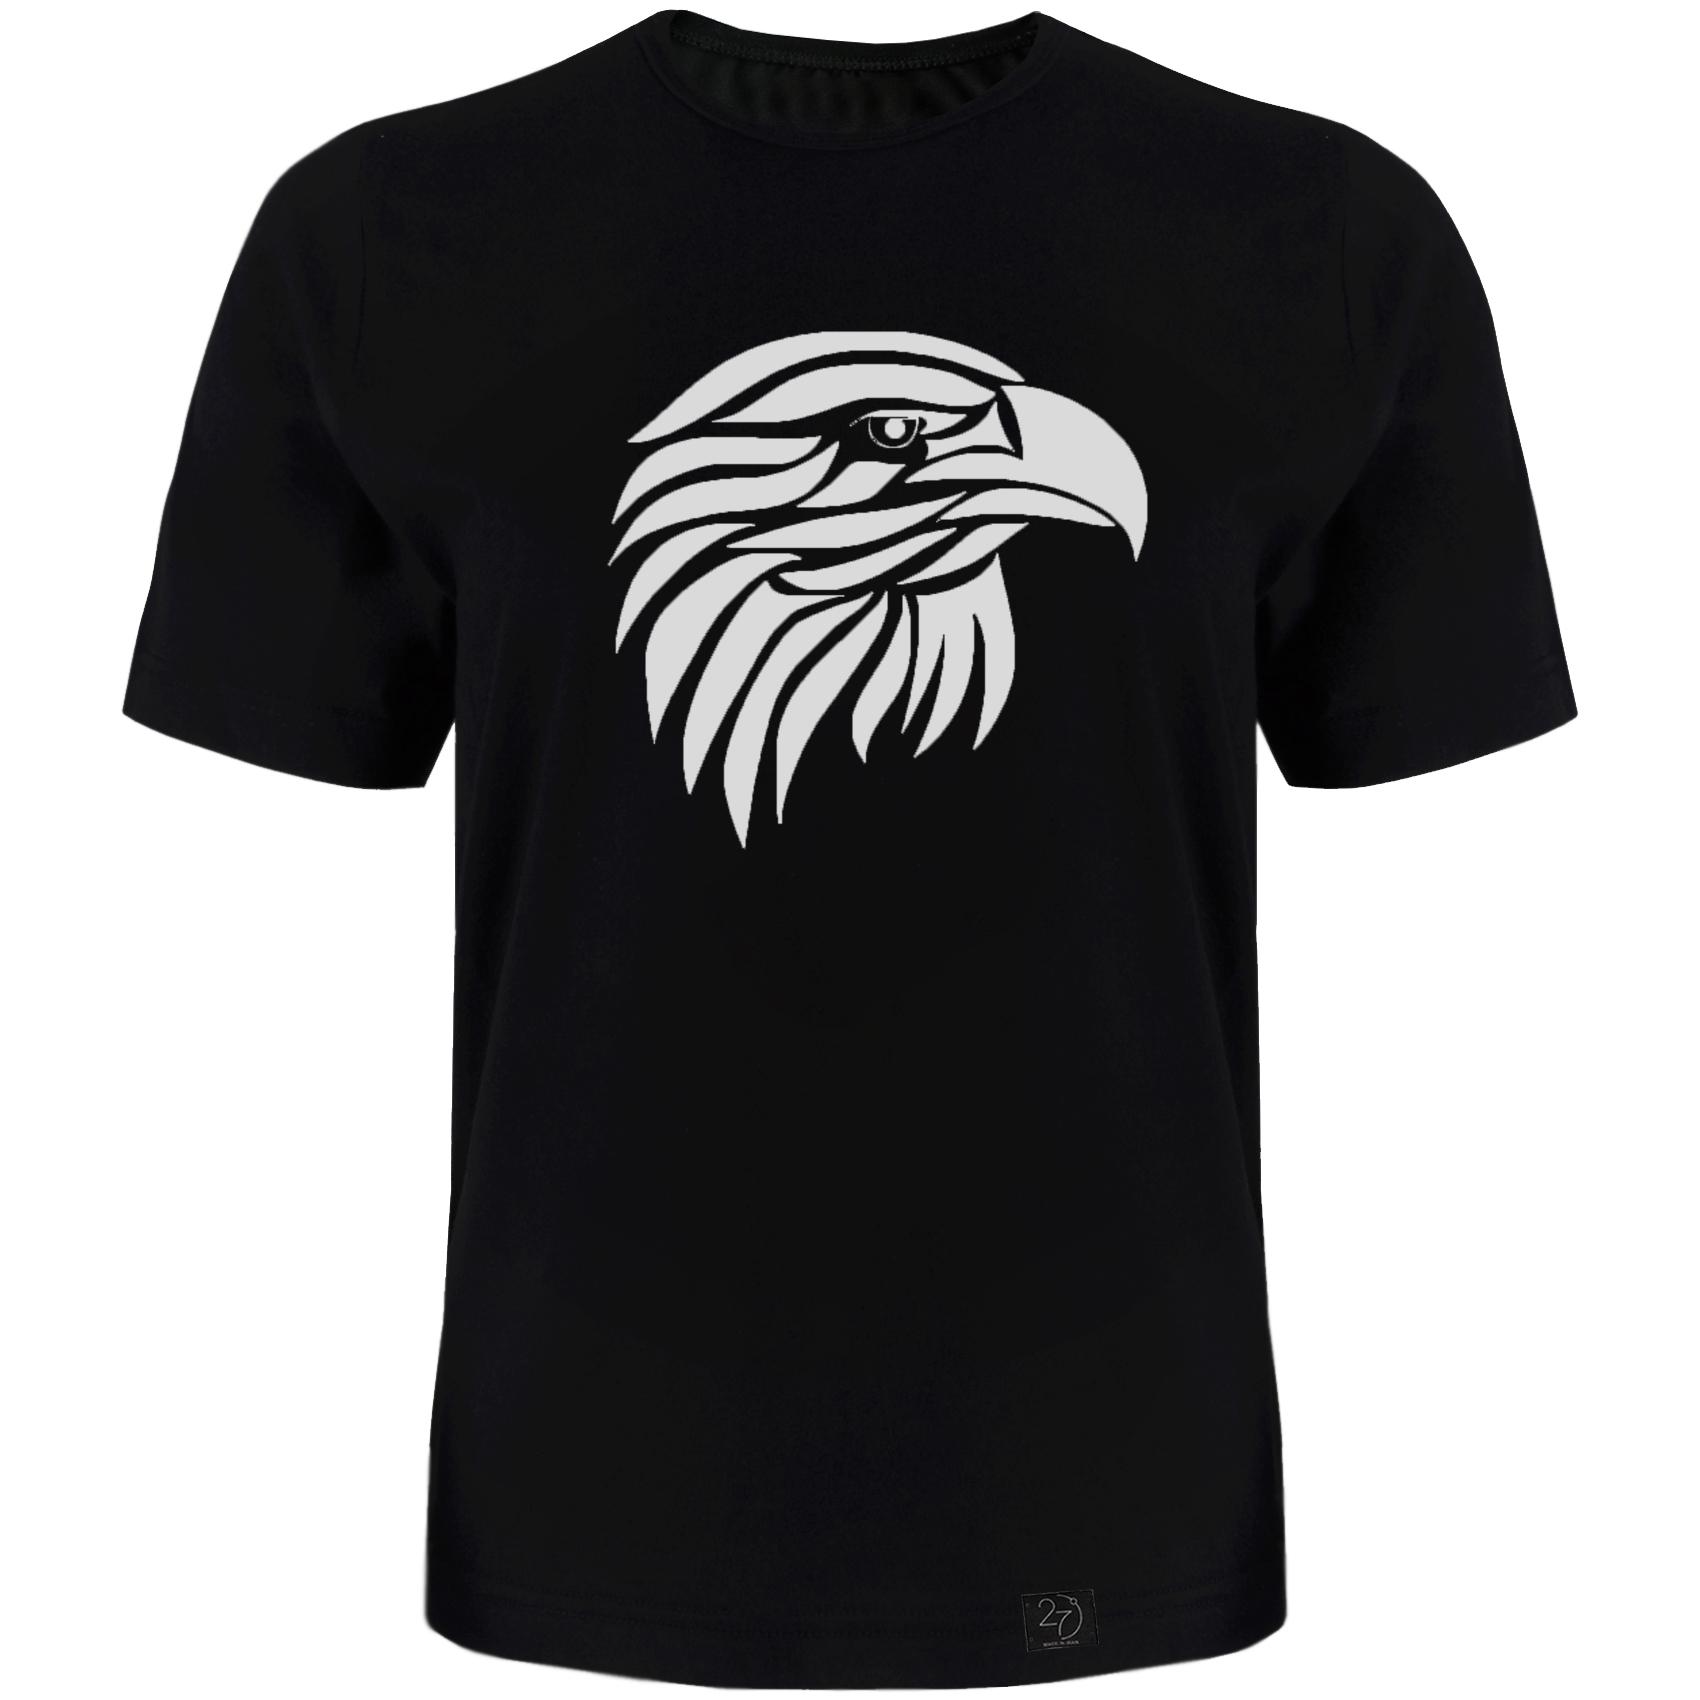 تی شرت آستین کوتاه مردانه 27 طرح عقاب کد TR05 رنگ مشکی